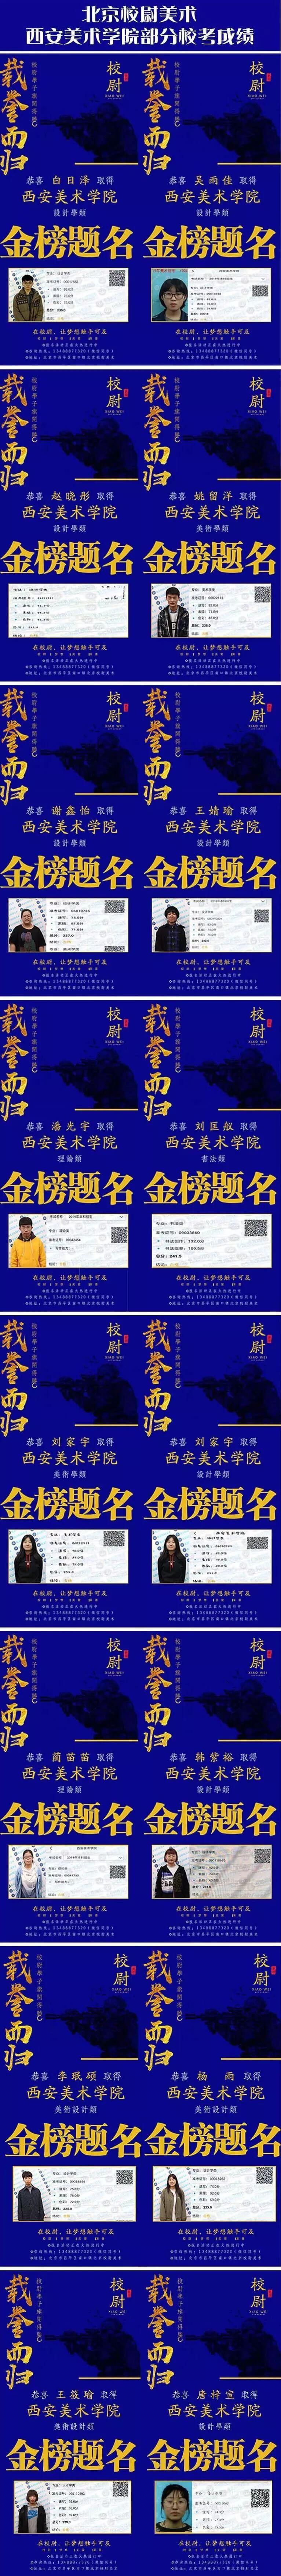 校尉画室:寒假班招生简章 | 预报名2020年集训豪礼重重!,北京画室,北京美术培训     33